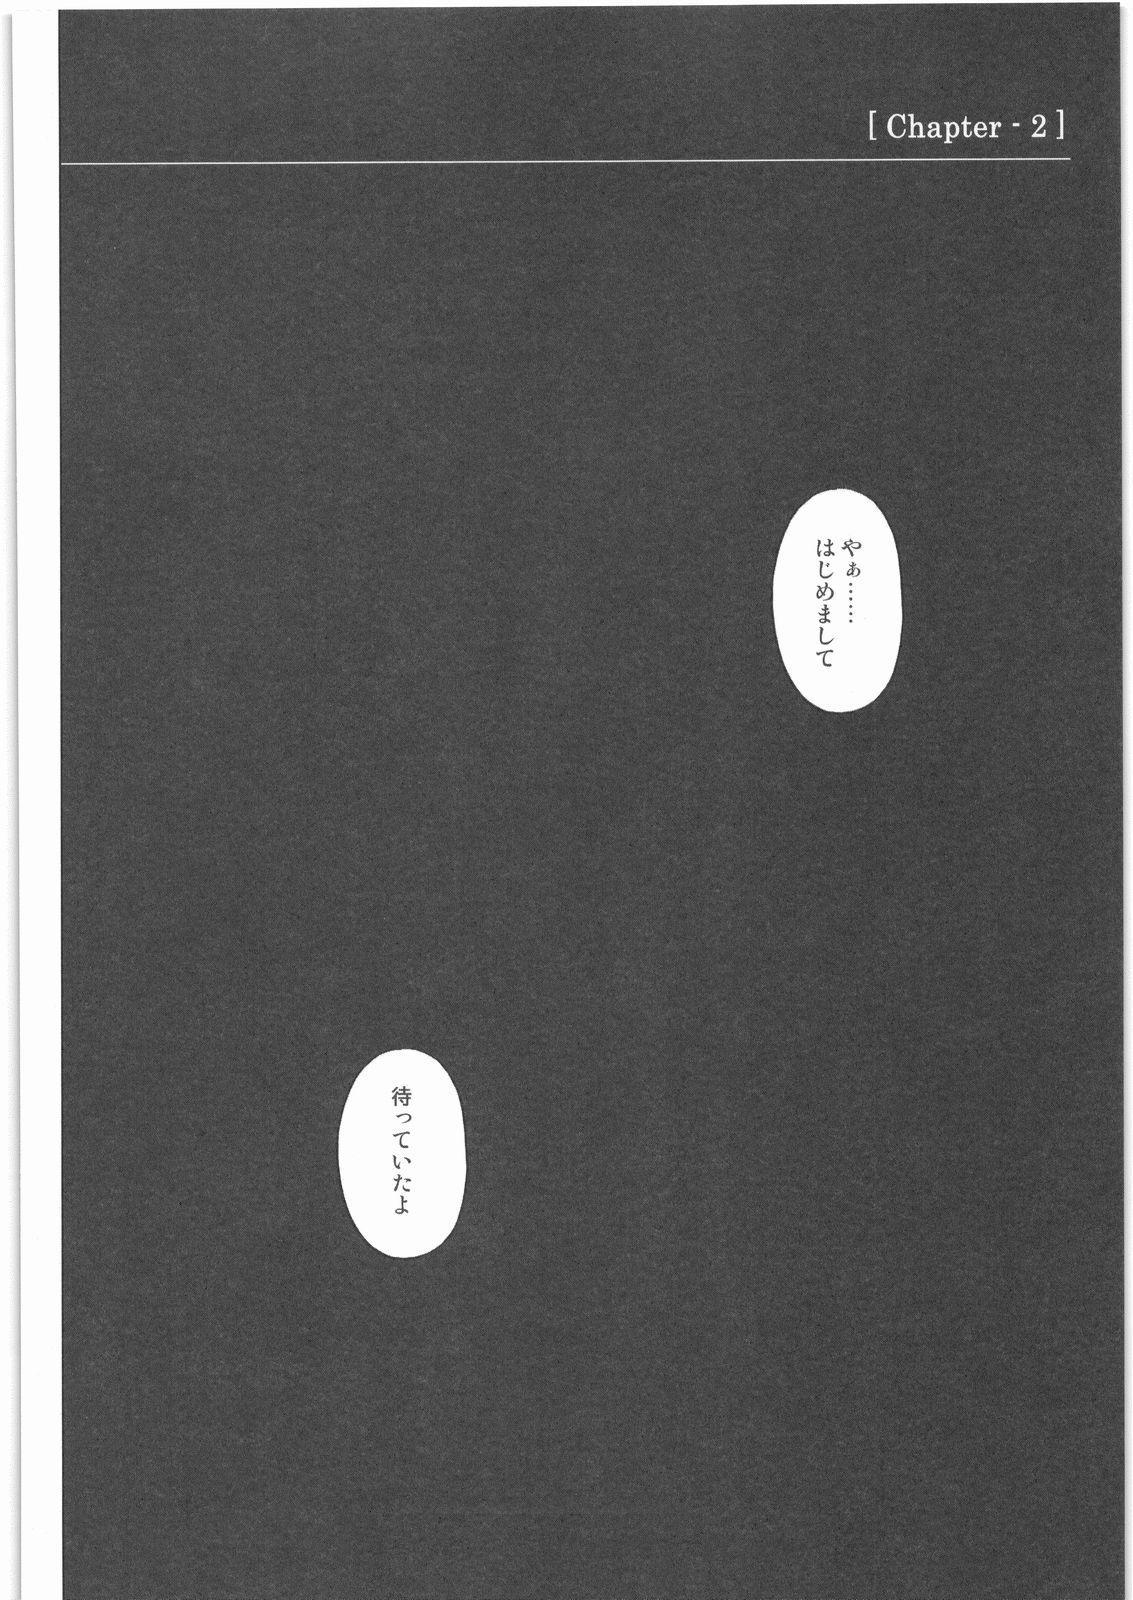 1001 Kyoudoukan Soushuuhen 80